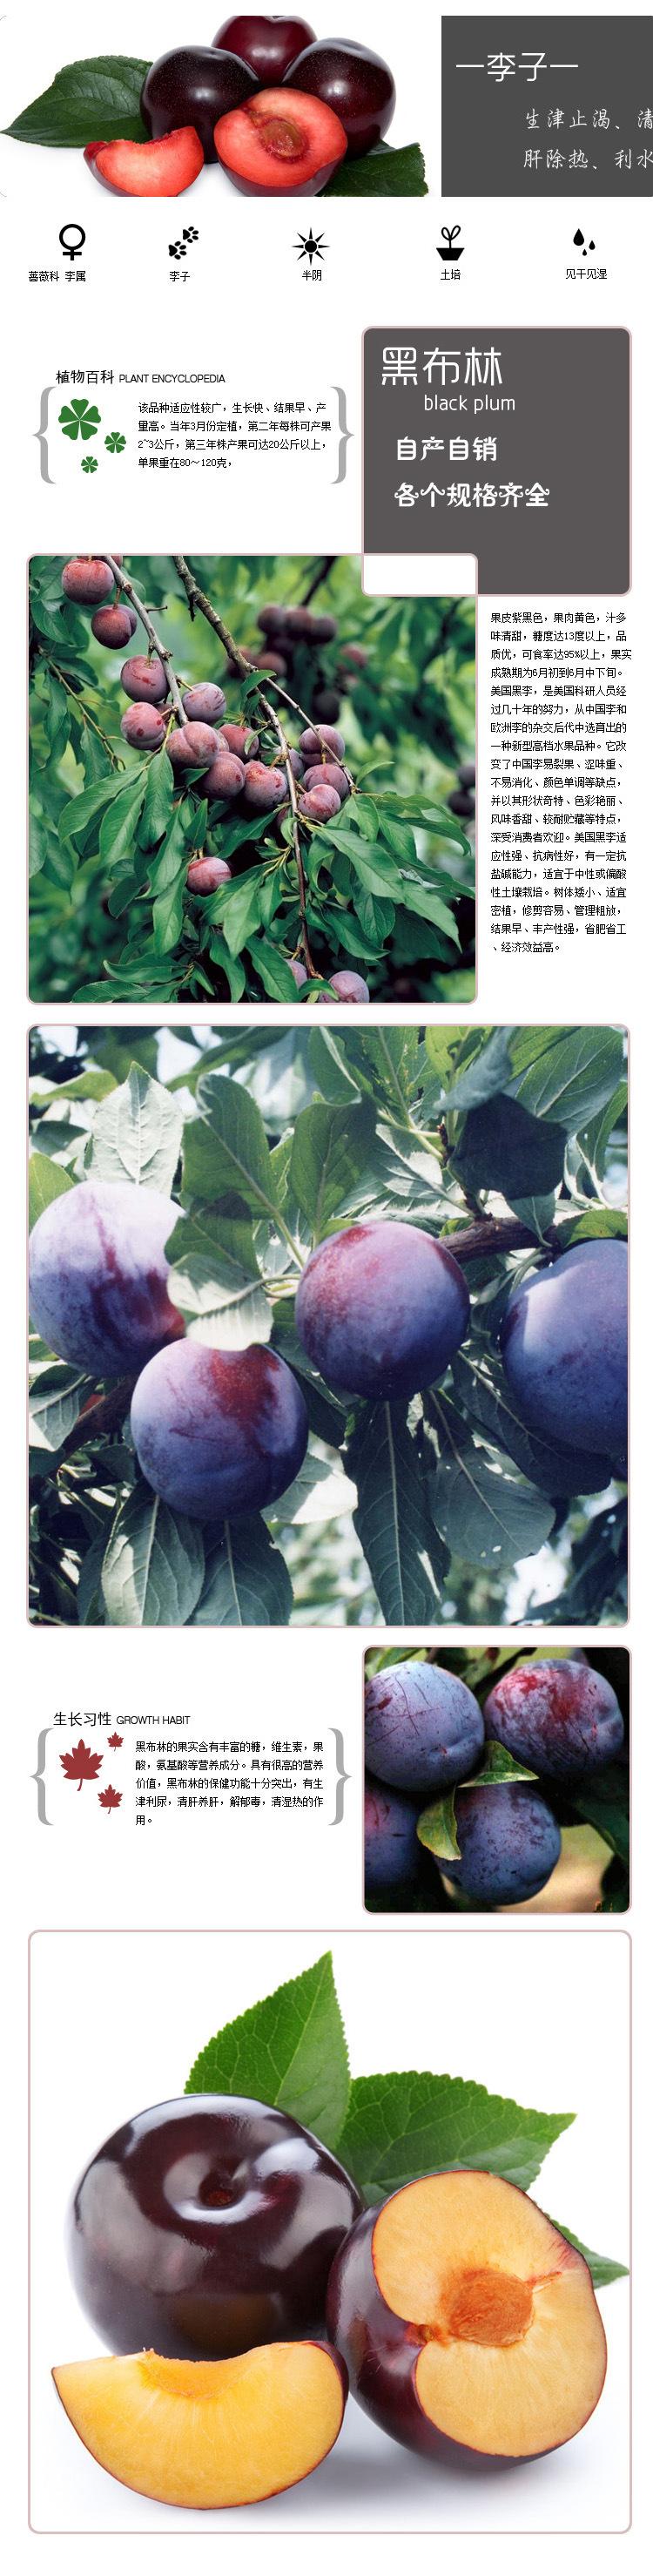 果树苗李子树苗 红布林 南方北方种植嫁接苗新品种盆栽地栽示例图9